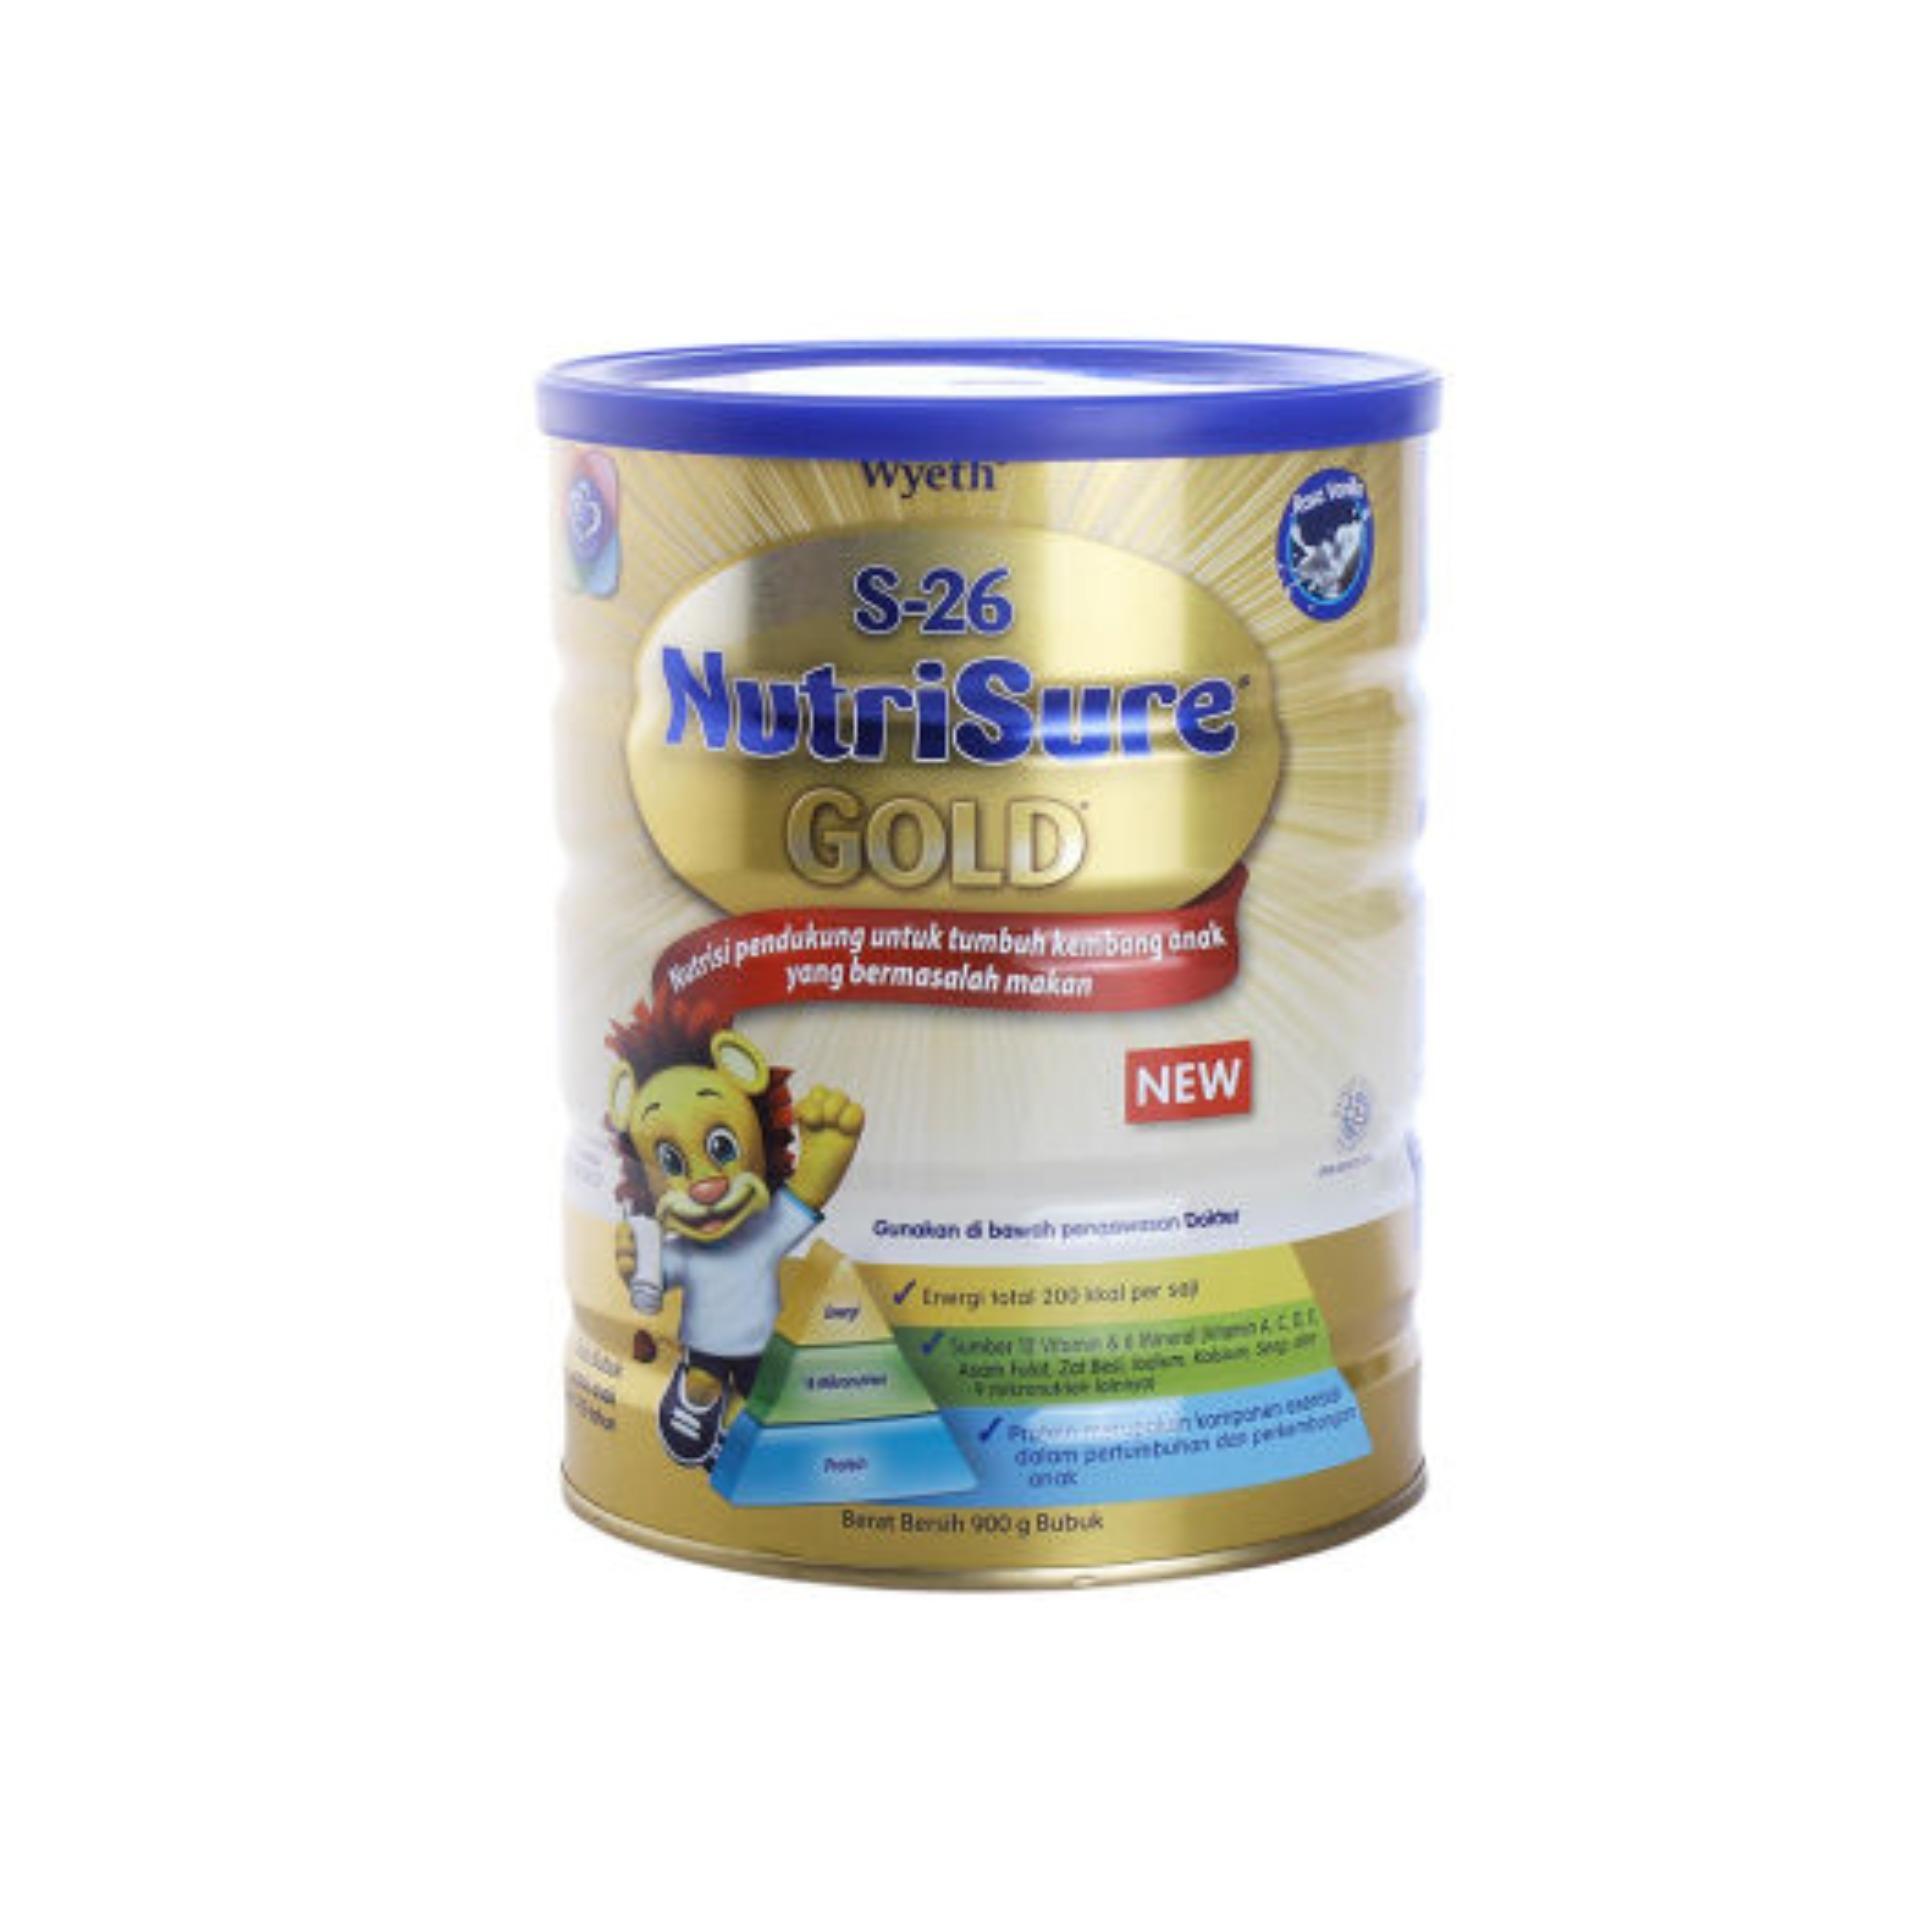 Review of S26 NUTRISURE Gold Tin 1 - 10 Tahun Susu Tin 900g / 900 g anggaran terbaik - Hanya Rp183.481